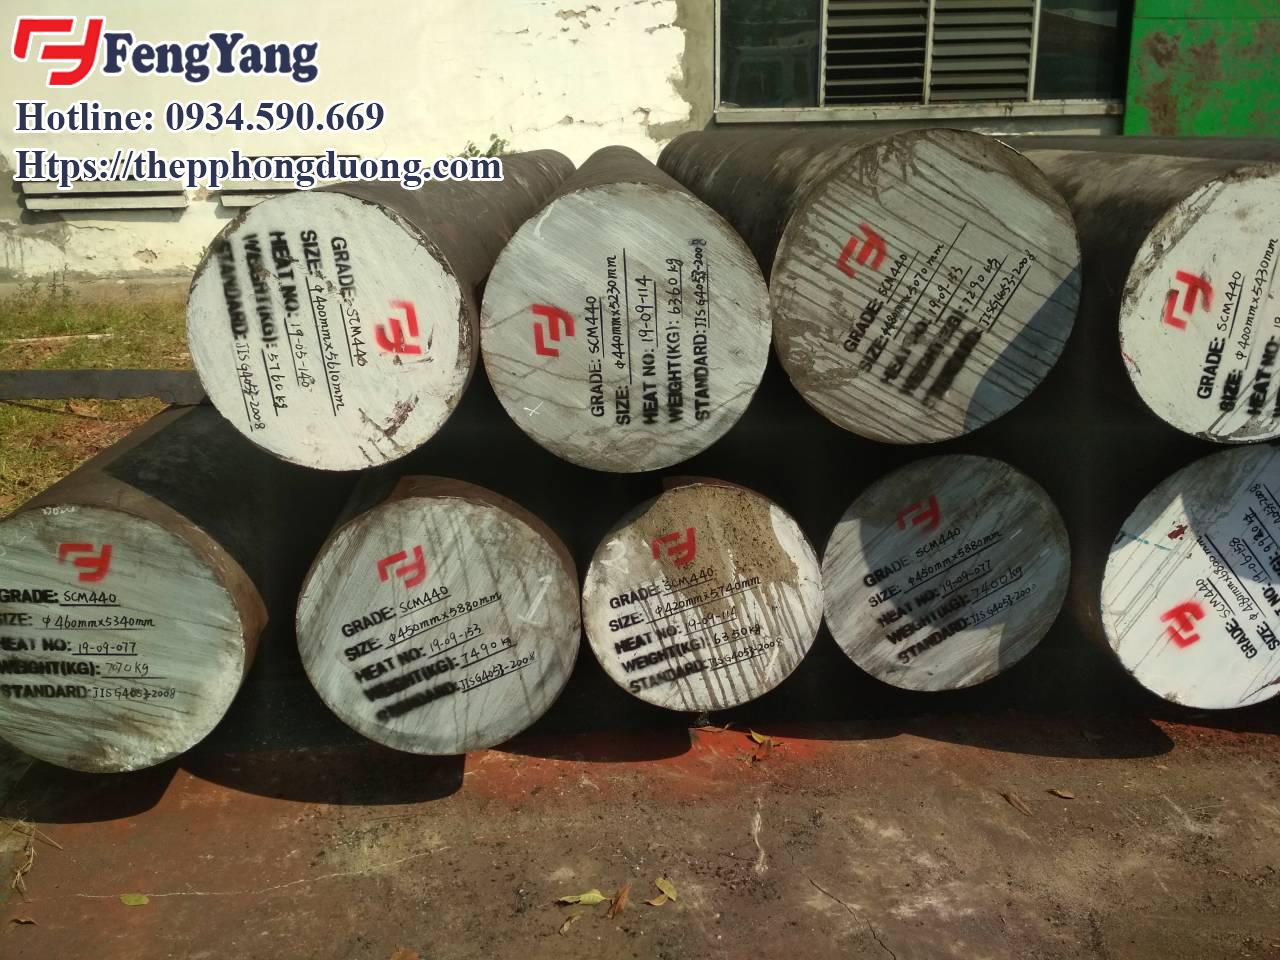 Hình ảnh trục rèn SCM440 có sẵn trong kho của Thép Phong Dương tại Hà Nội